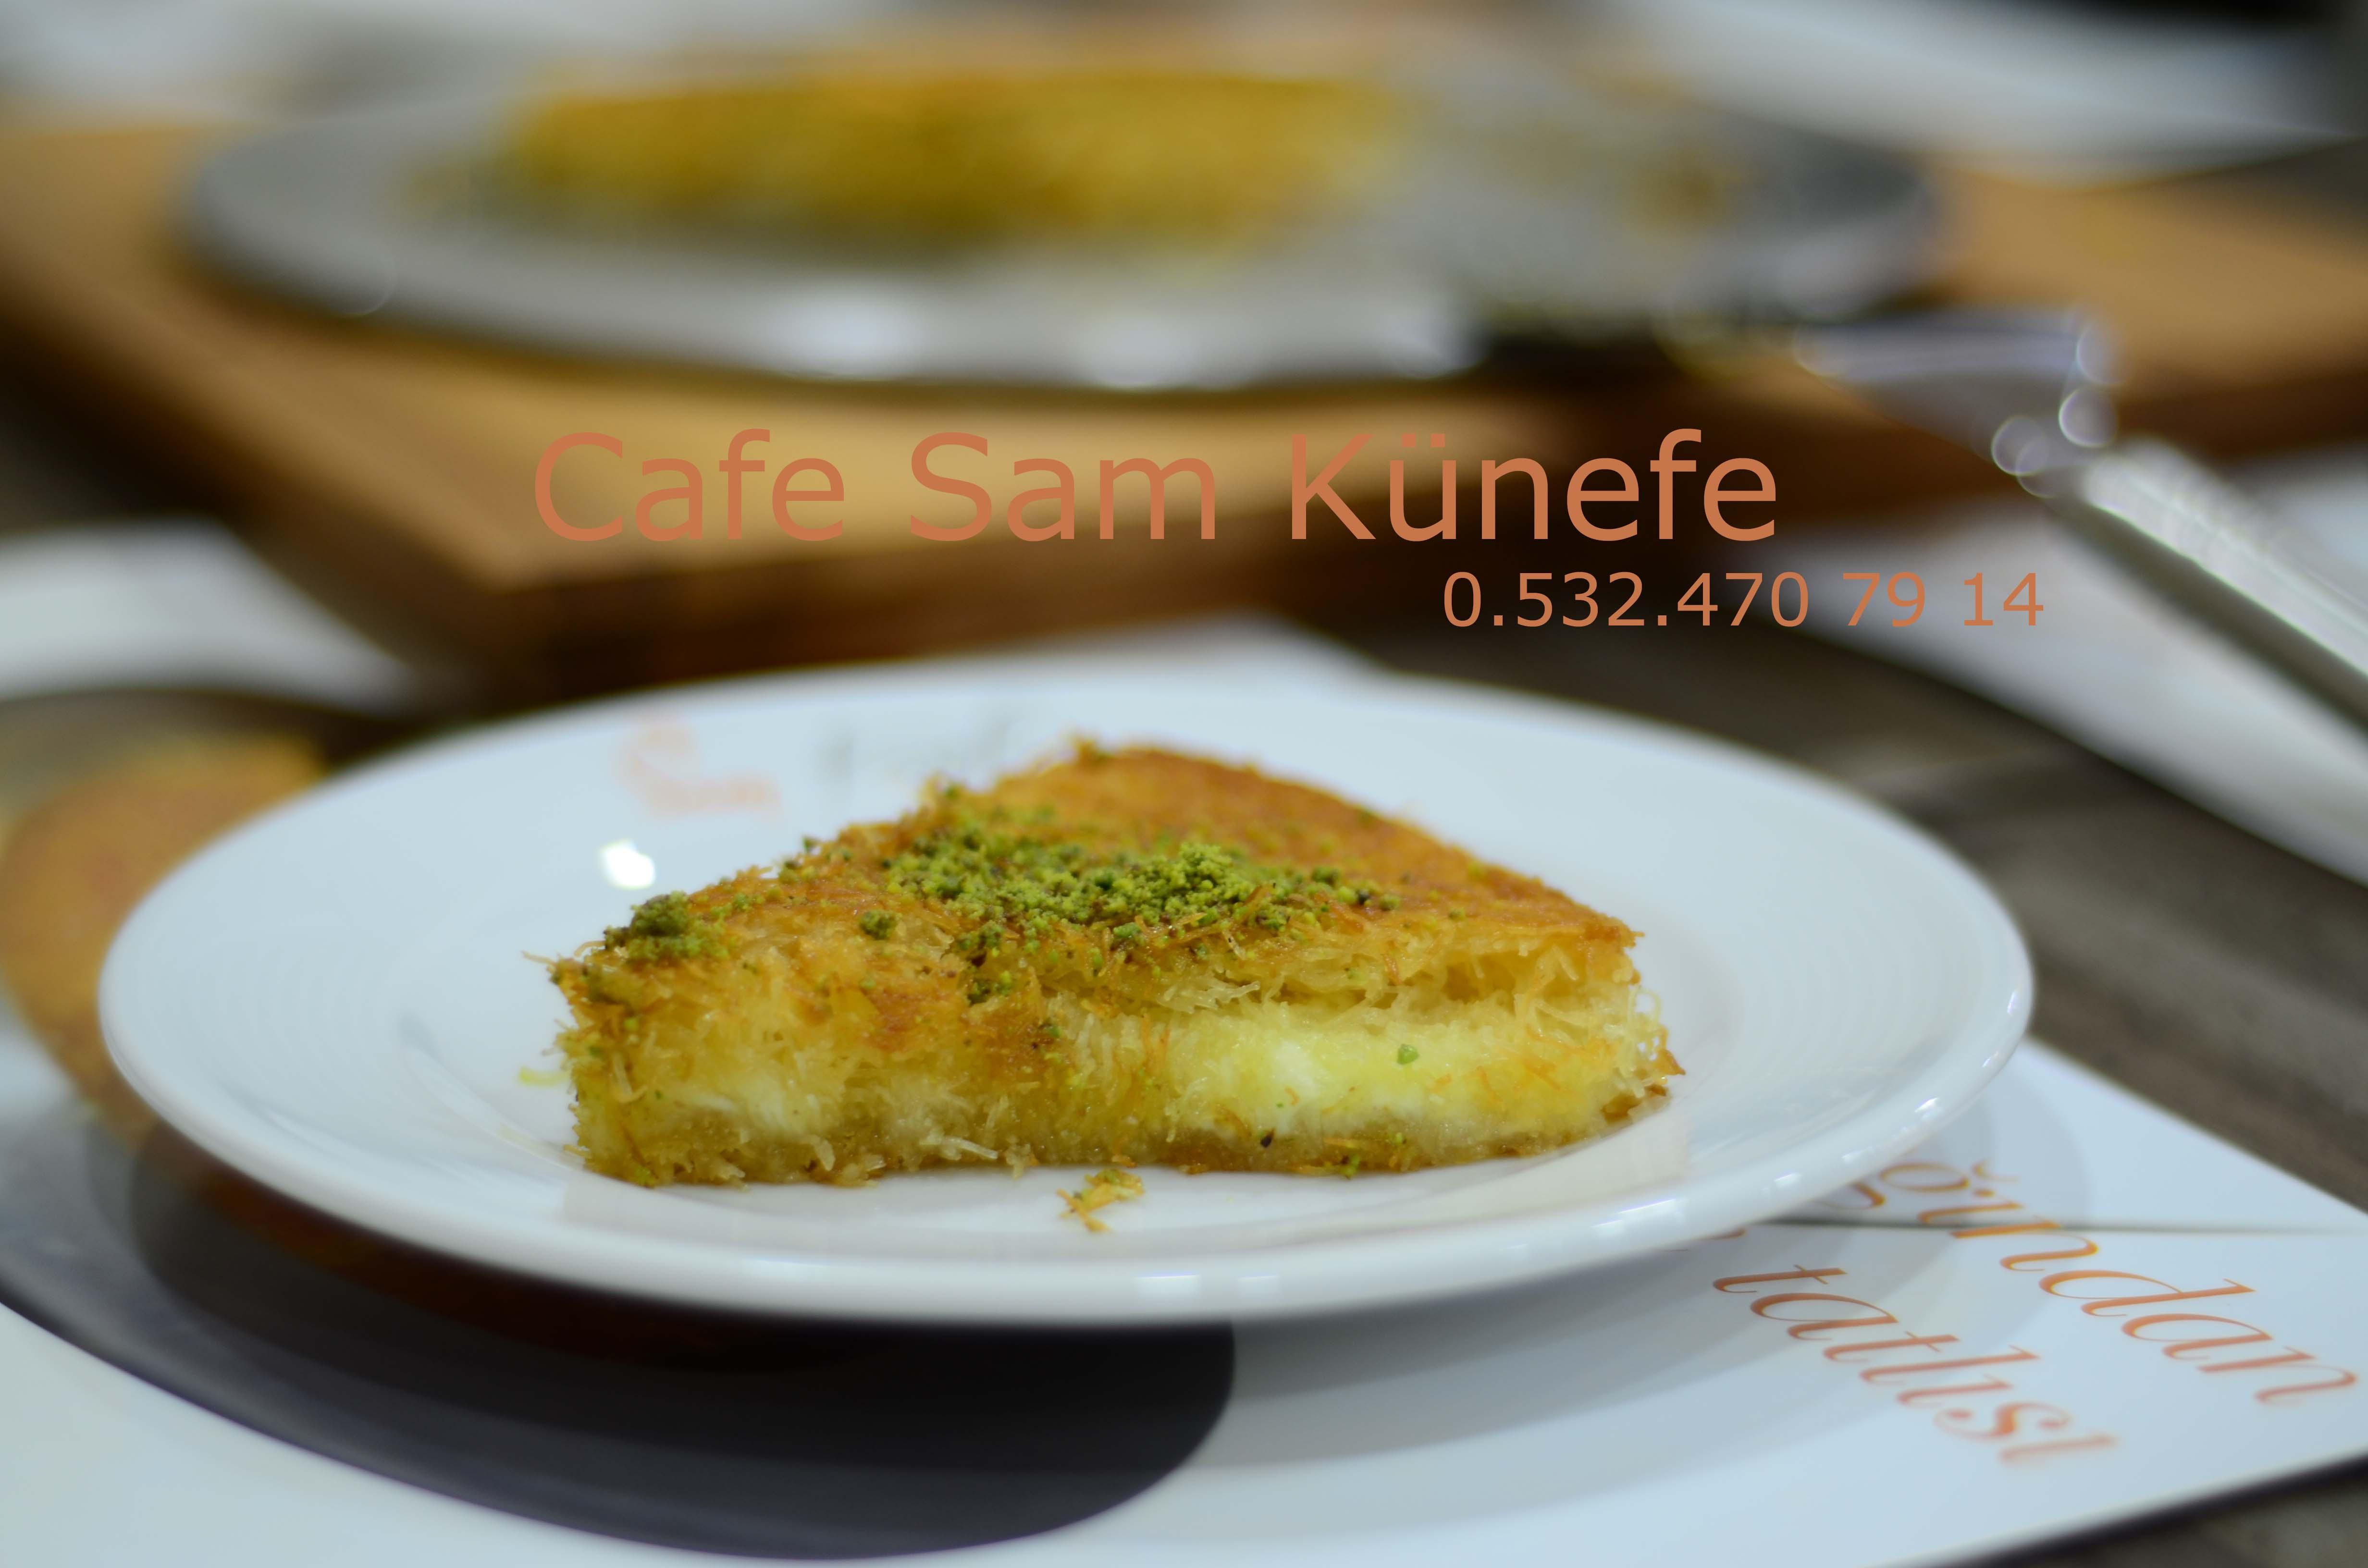 TURKISH KUNEFE